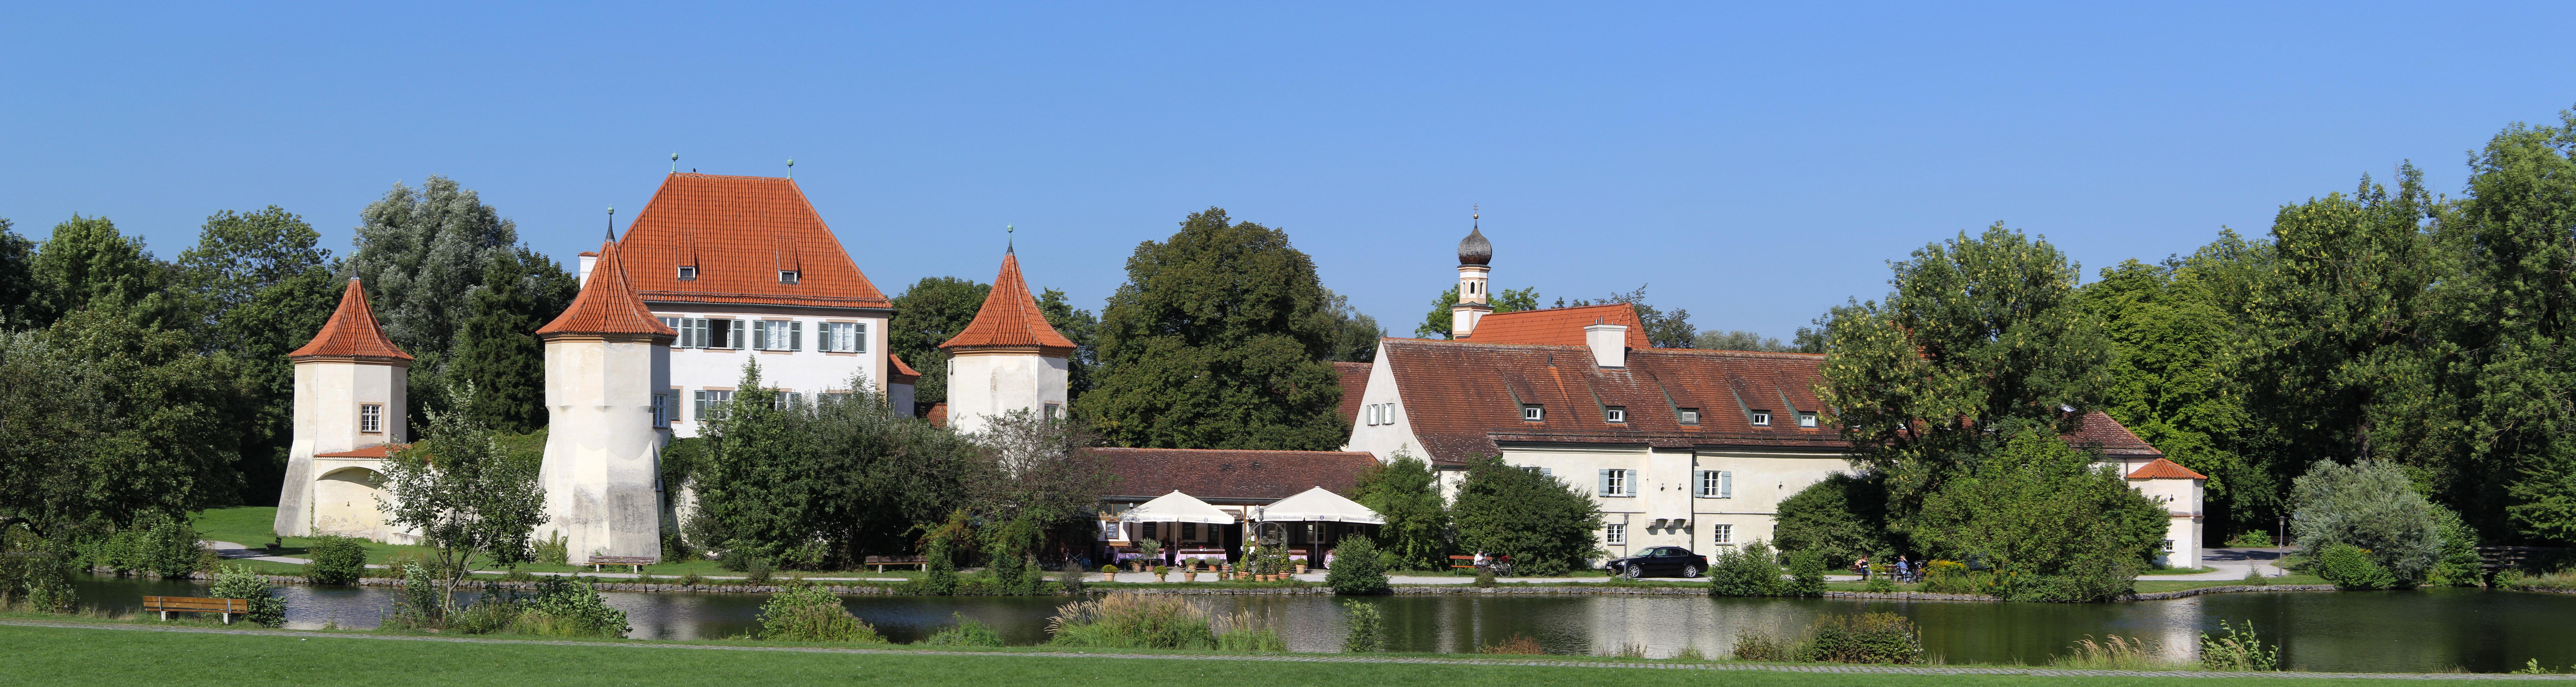 Datei:Obermenzing - Schloss Blutenburg - Panorama 5 (5 Bilder).jpg ...